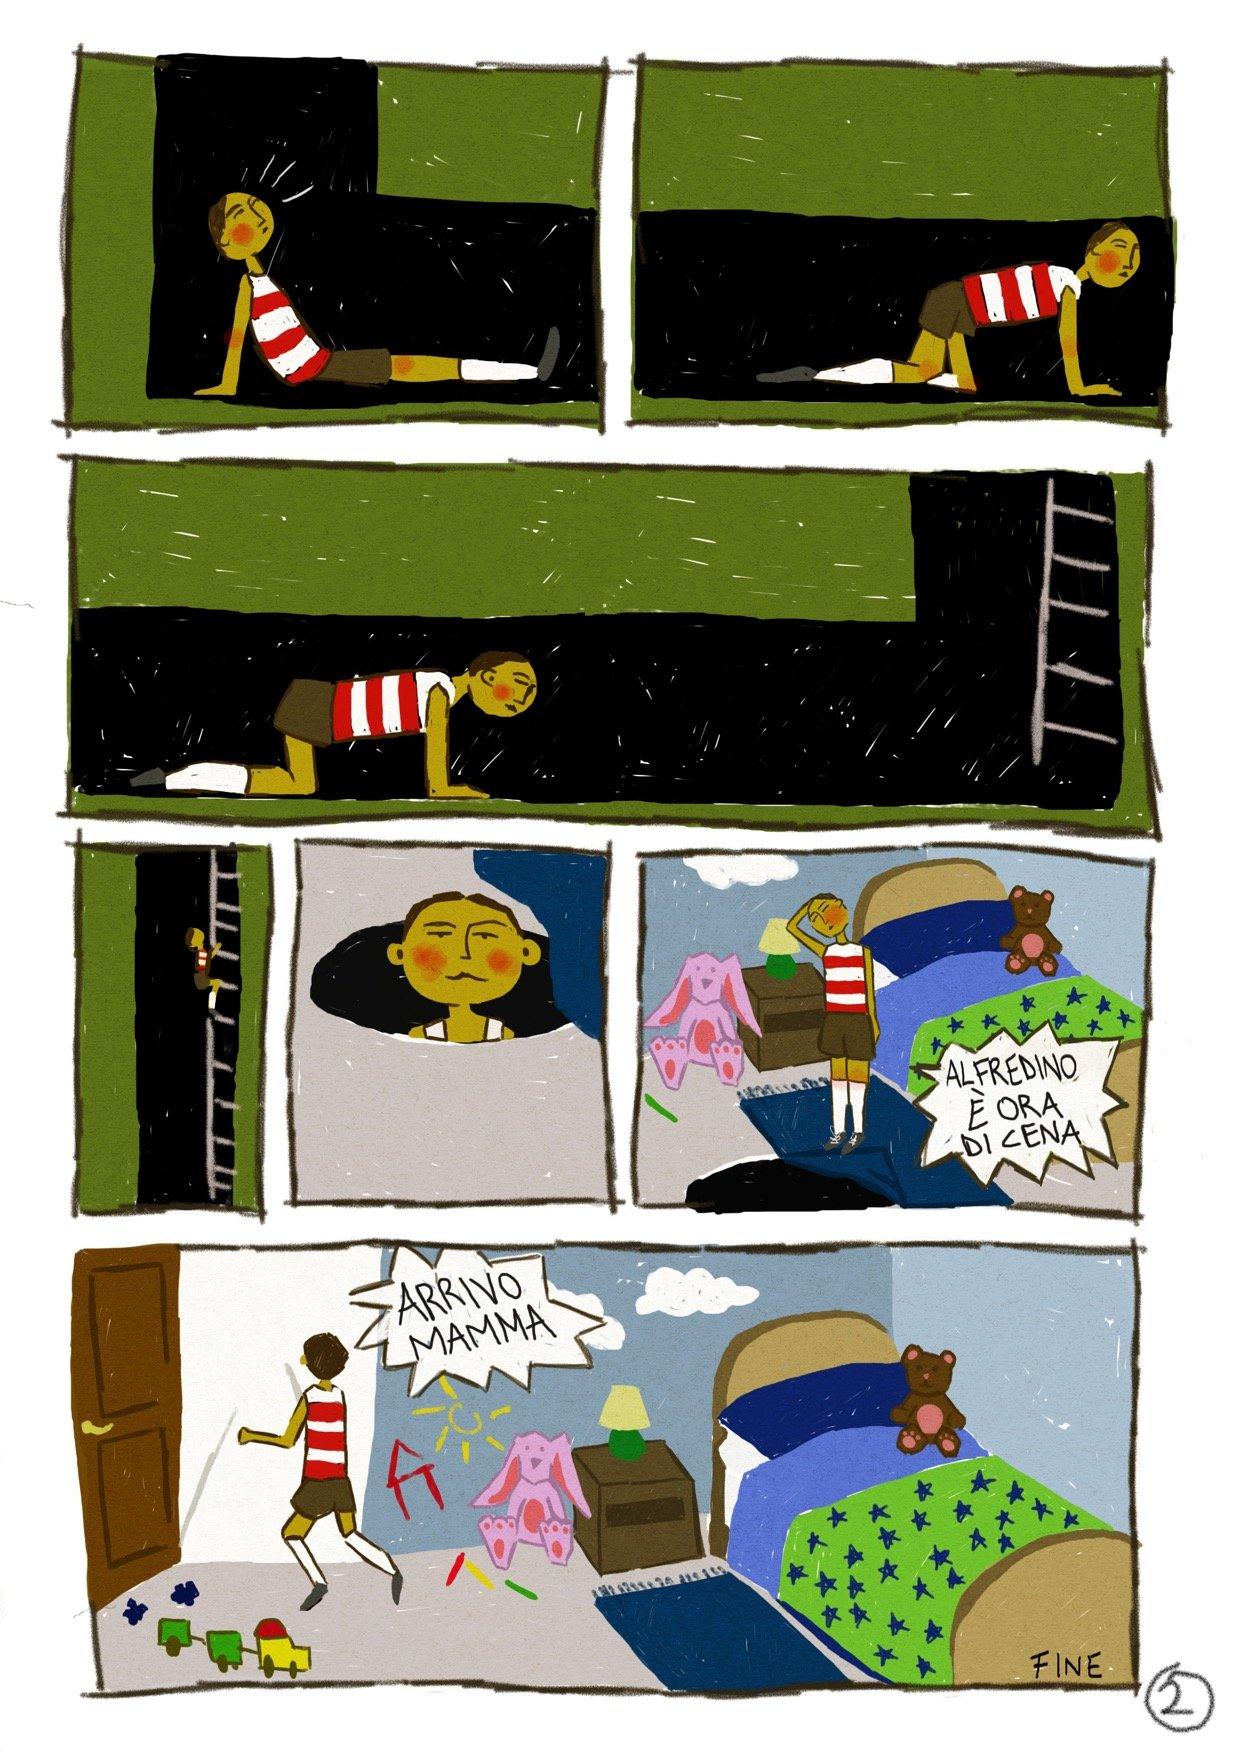 La storia di Alfredino